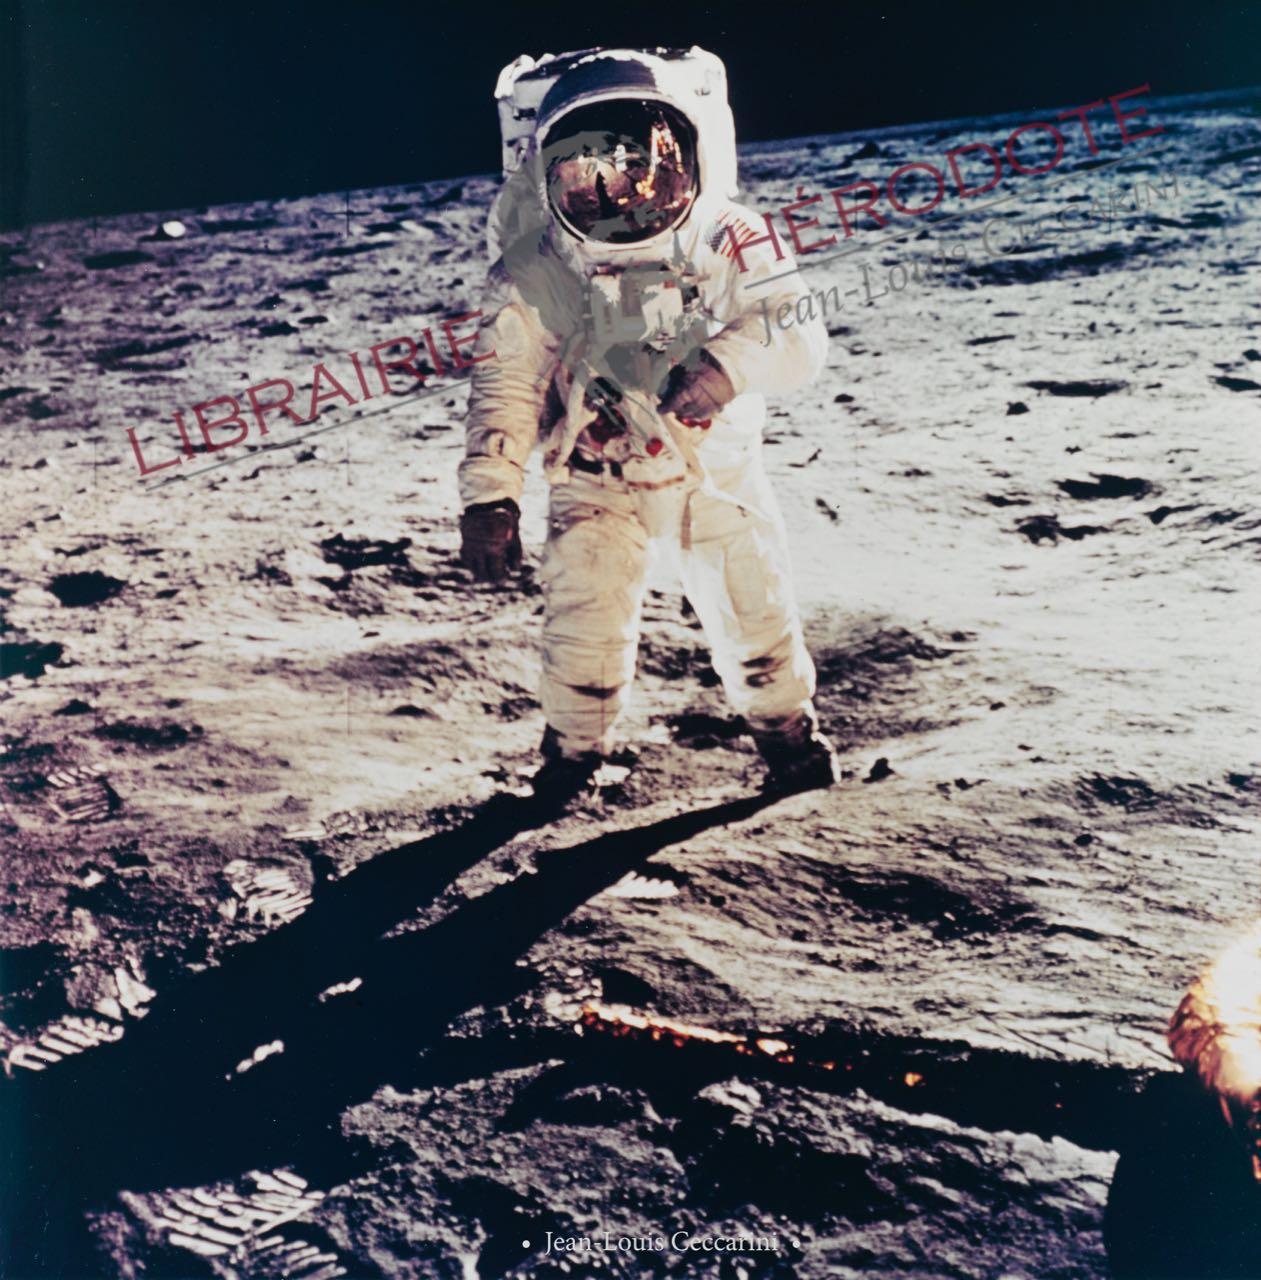 Buzz ALDRIN photographié par Neil ARMSTRONG qui se reflète dans la visière du casque d'Aldrin, le 20 juillet 1969. L'homme a marché pour la première fois sur le sol lunaire.